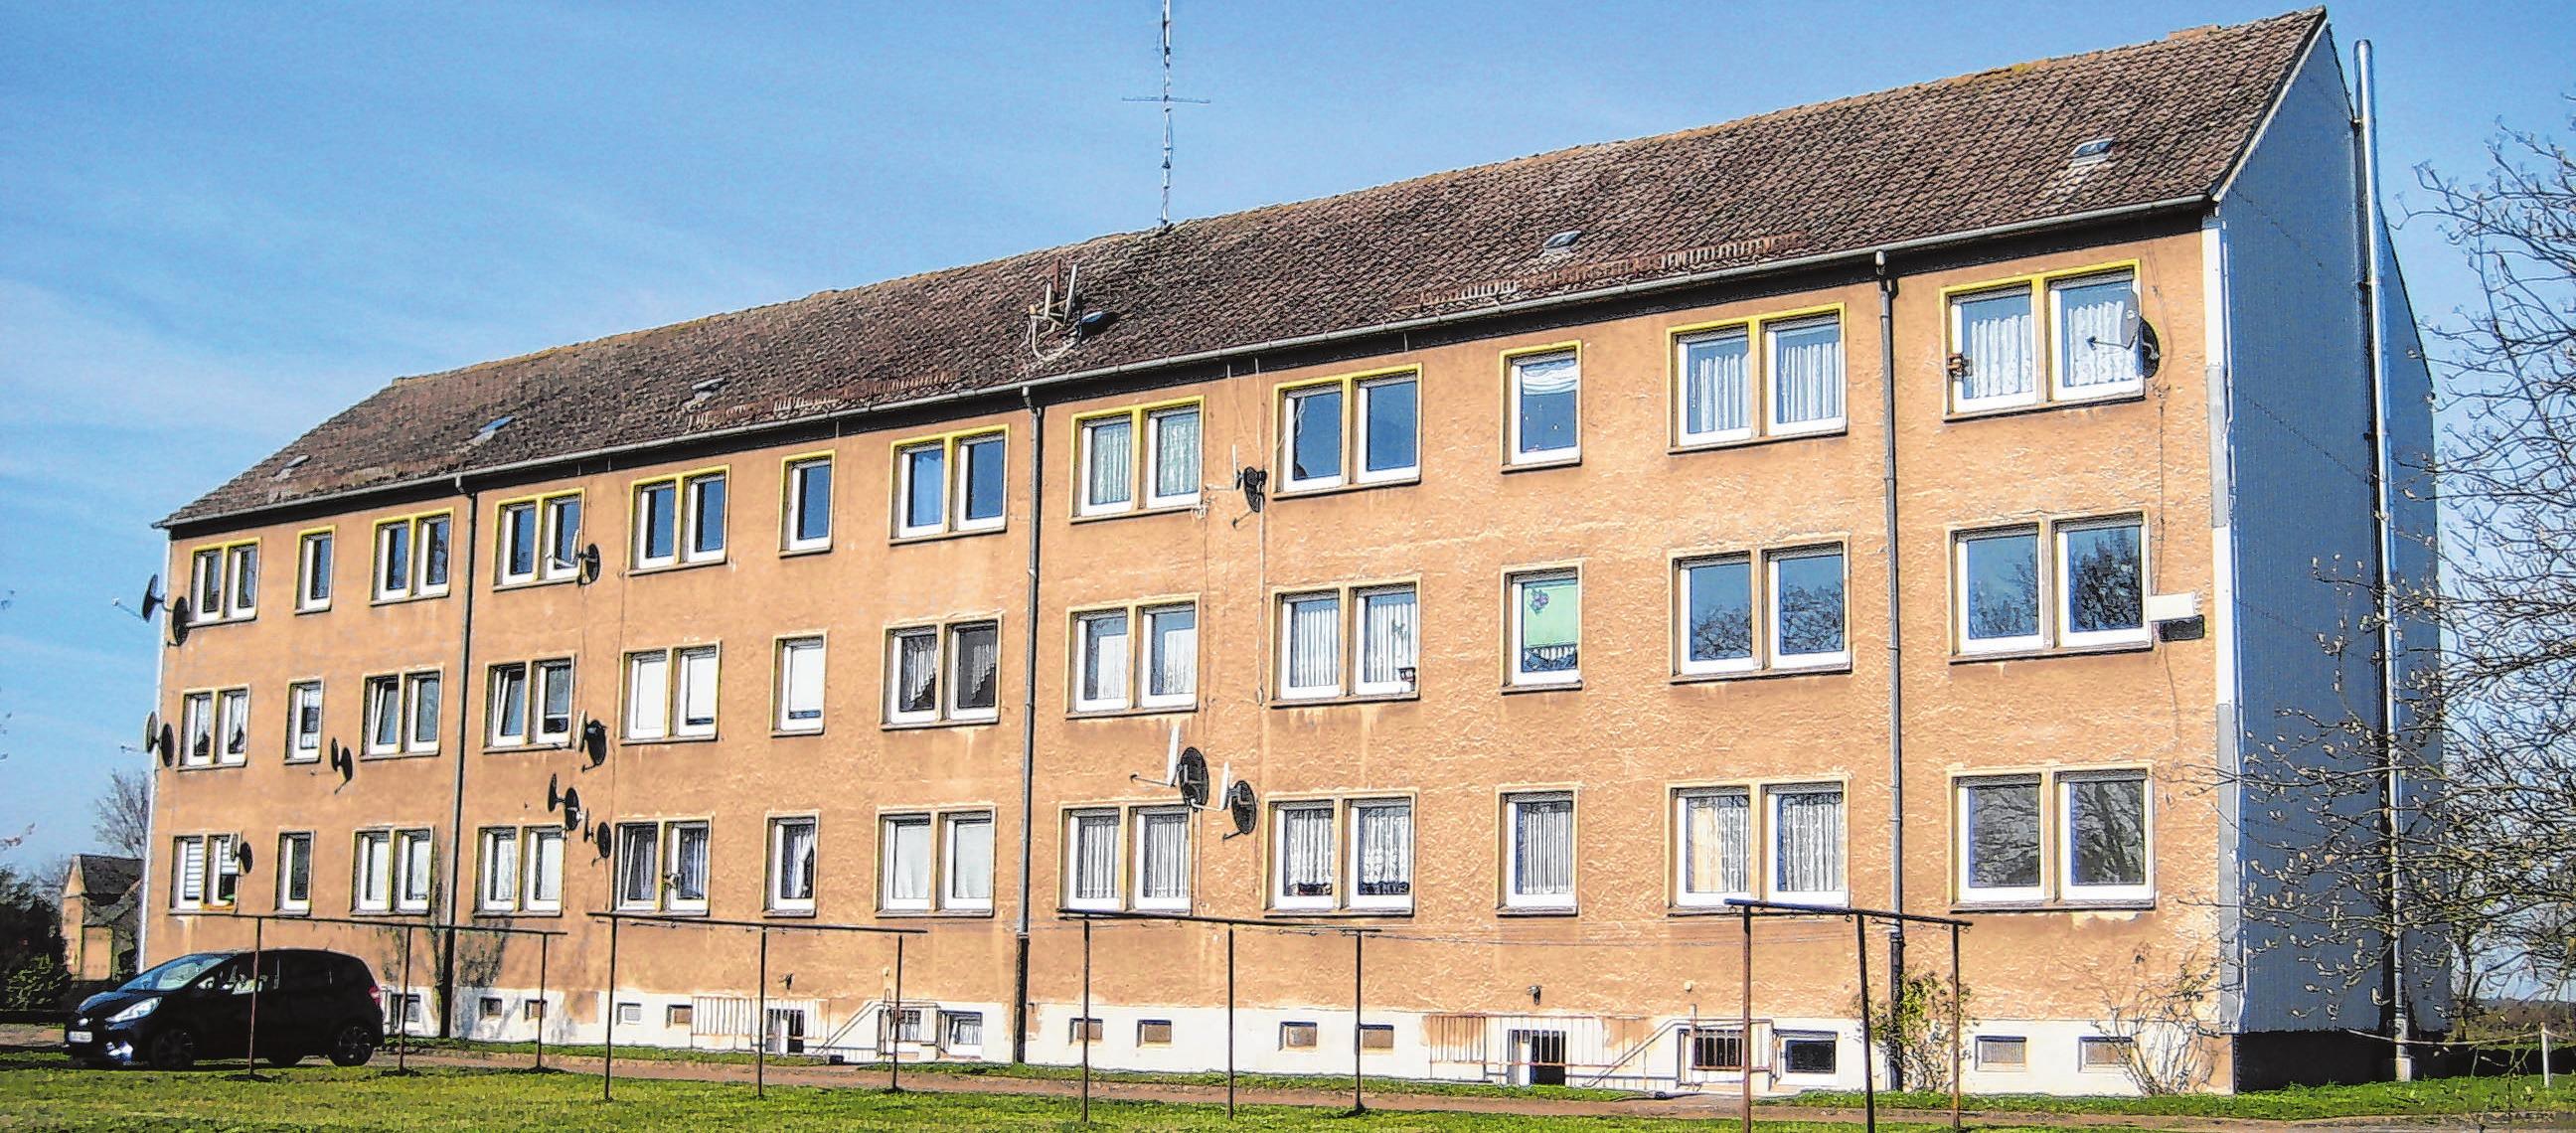 So sah das Gebäude vor der Sanierung aus. Foto: Ingenieurbüro Schütte